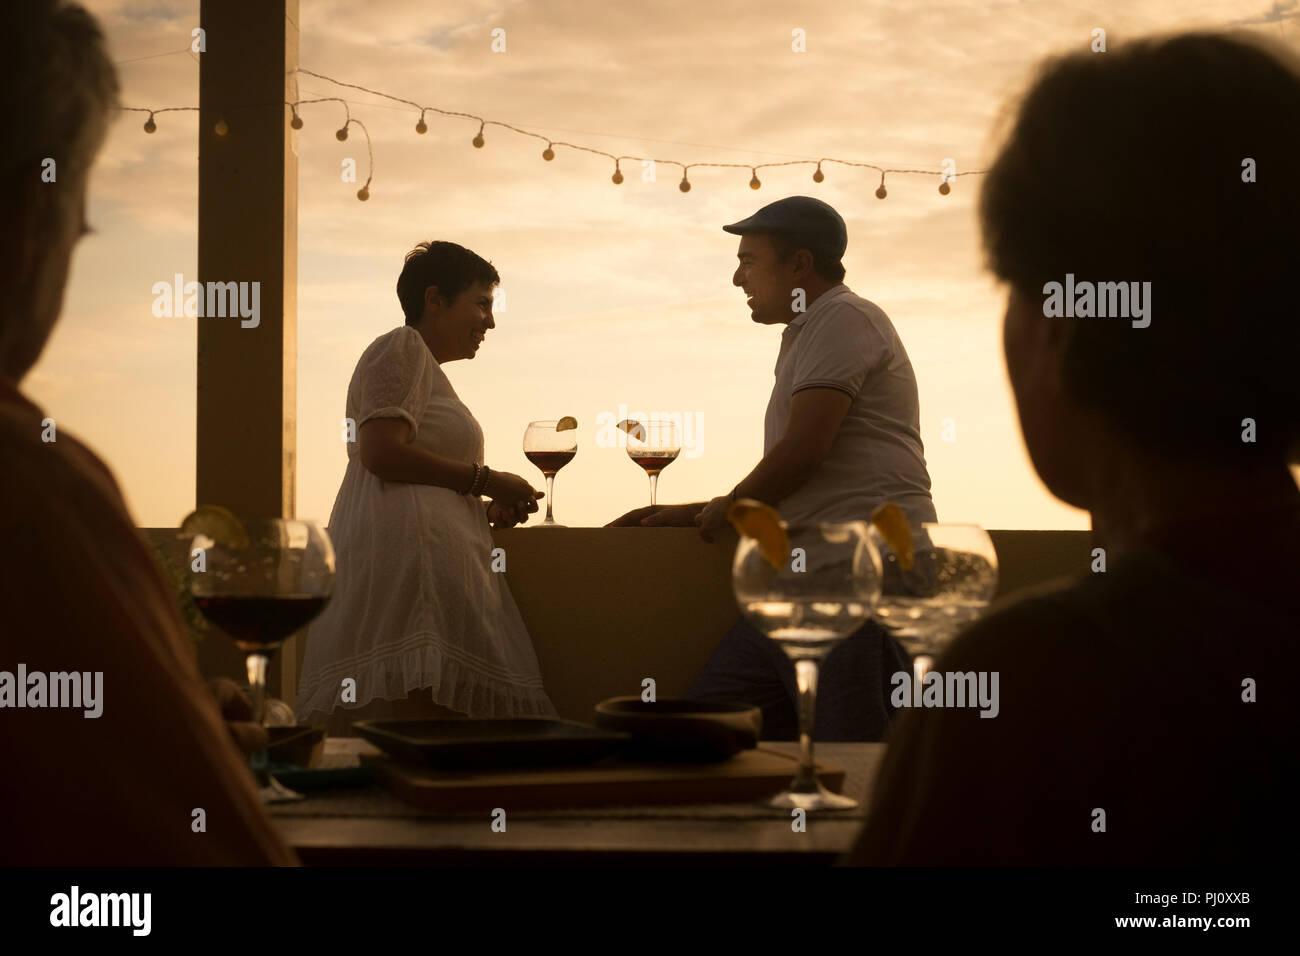 Romantische Szene mit ein paar cacuasian mittleren Alter Menschen trinken einen Cocktail zusammen in Beziehung bei einem bunten gold Sonnenuntergang auf der Terrasse.h Stockbild